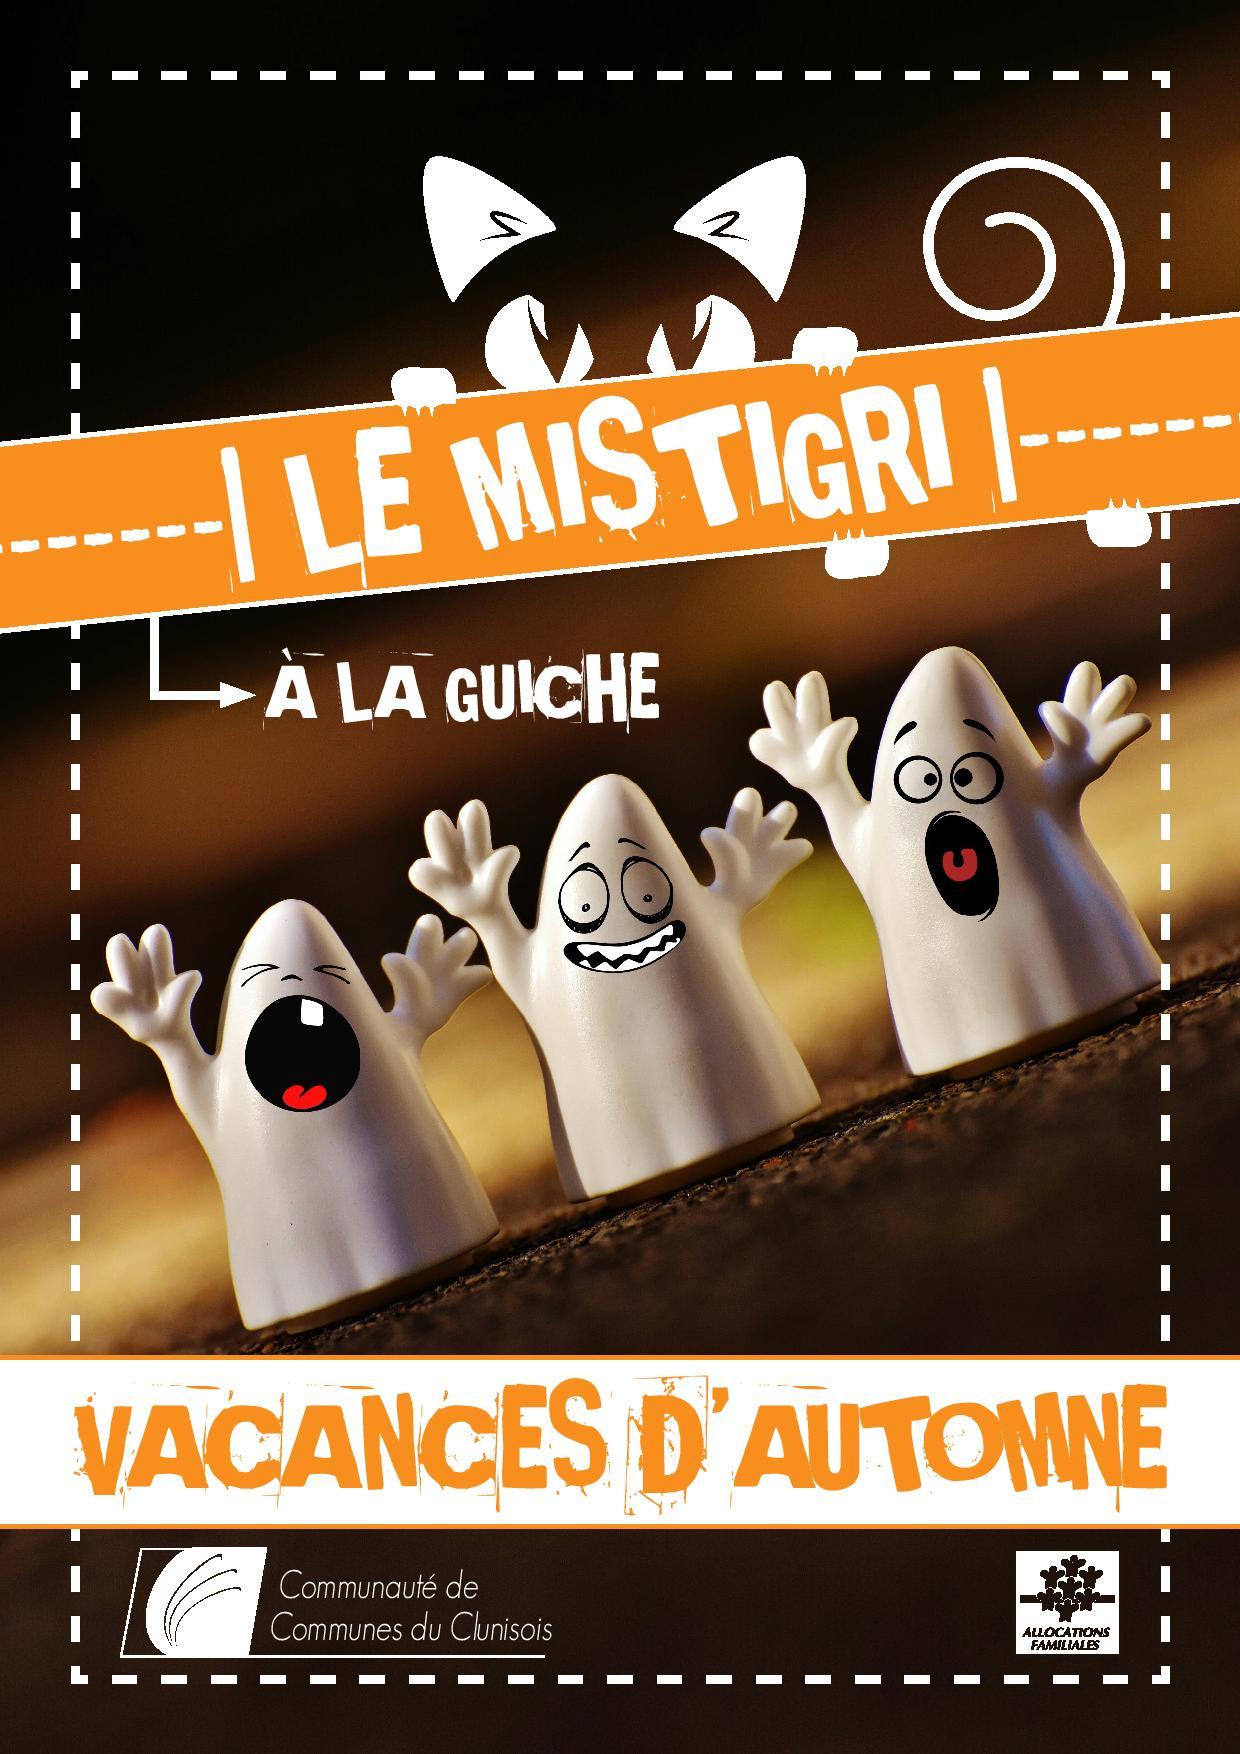 vacances d automne mistigri-page-001